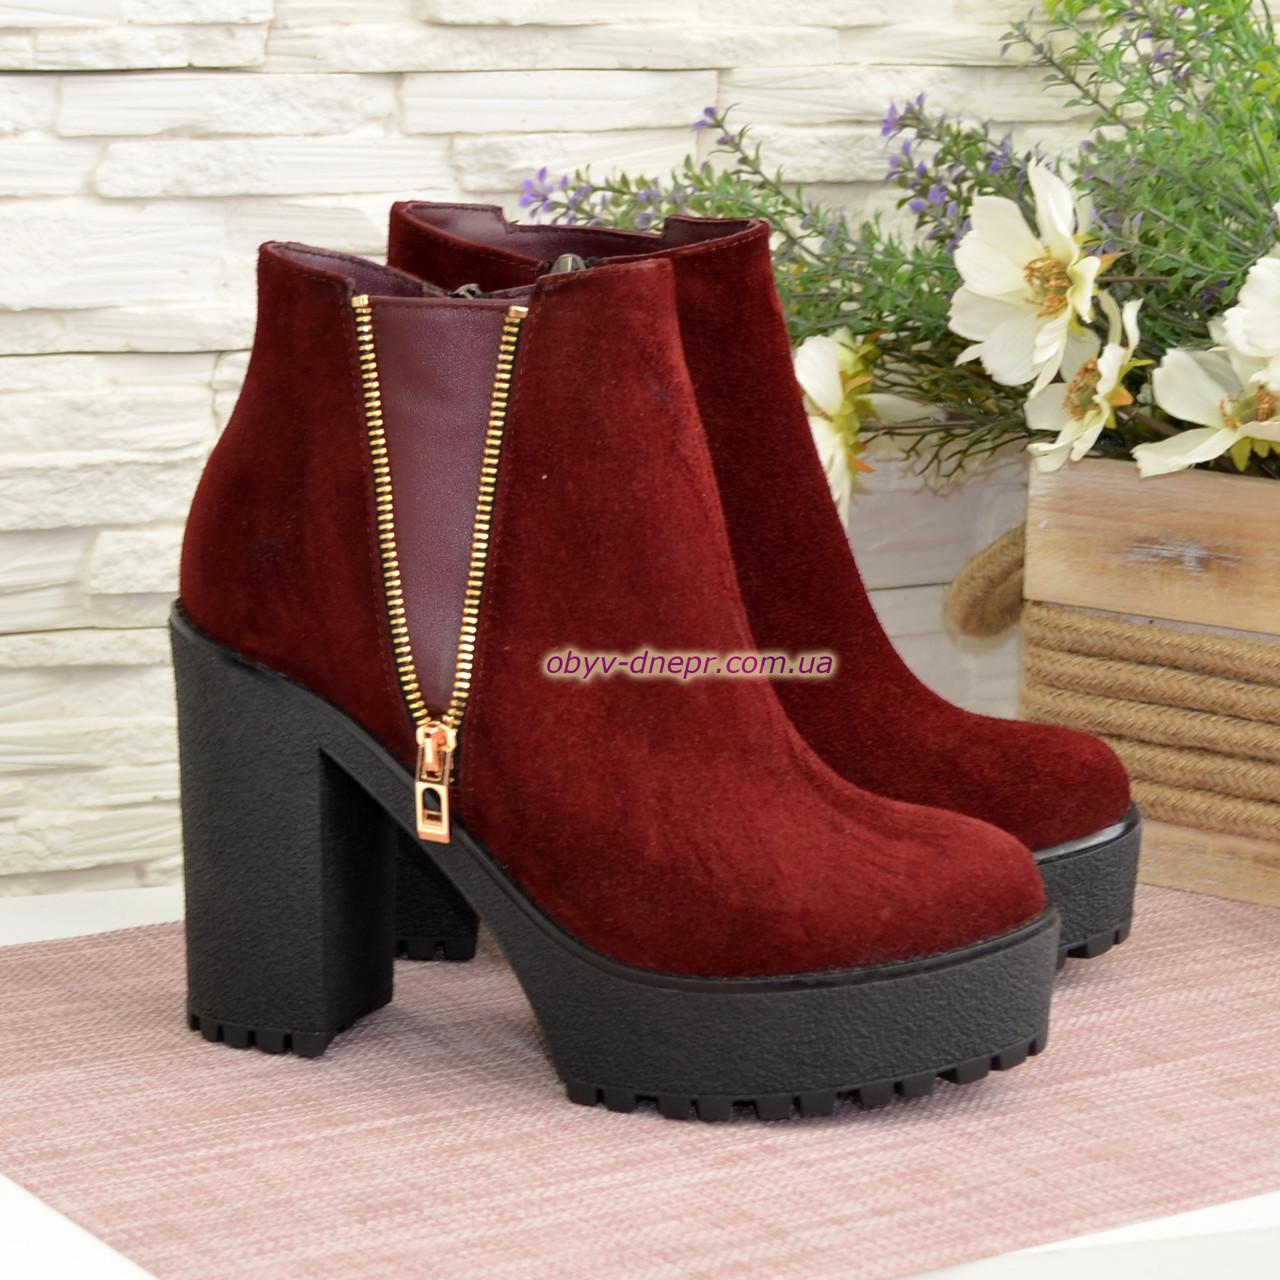 Ботинки зимние замшевые на устойчивом каблуке, цвет бордо